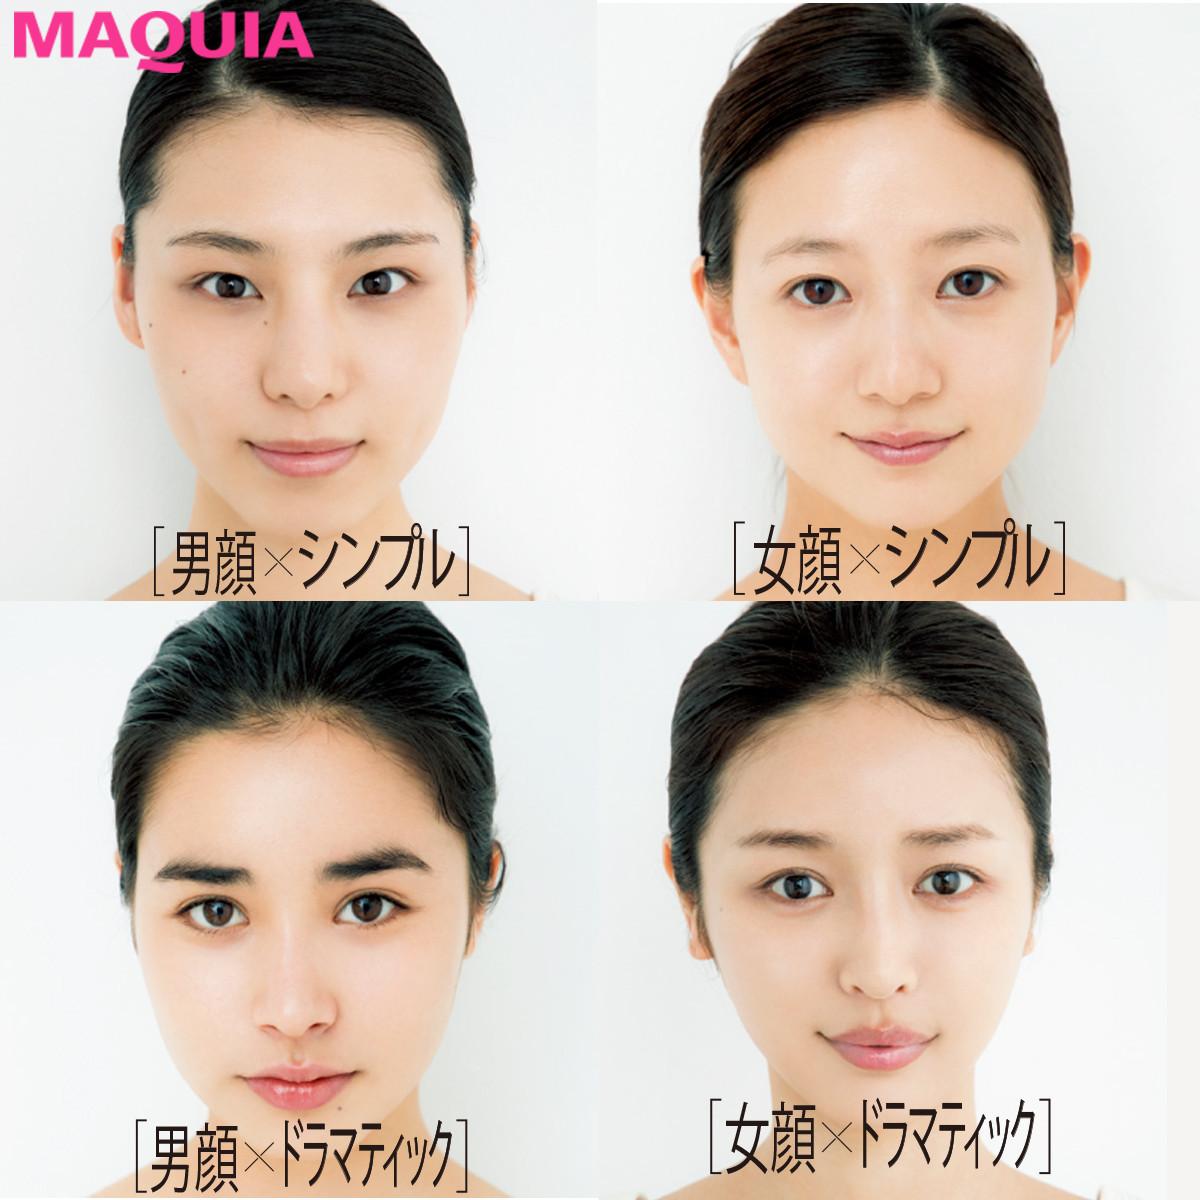 まずは顔立ちをセルフチェック! 4タイプ別・似合うEYE&LIPレシピ